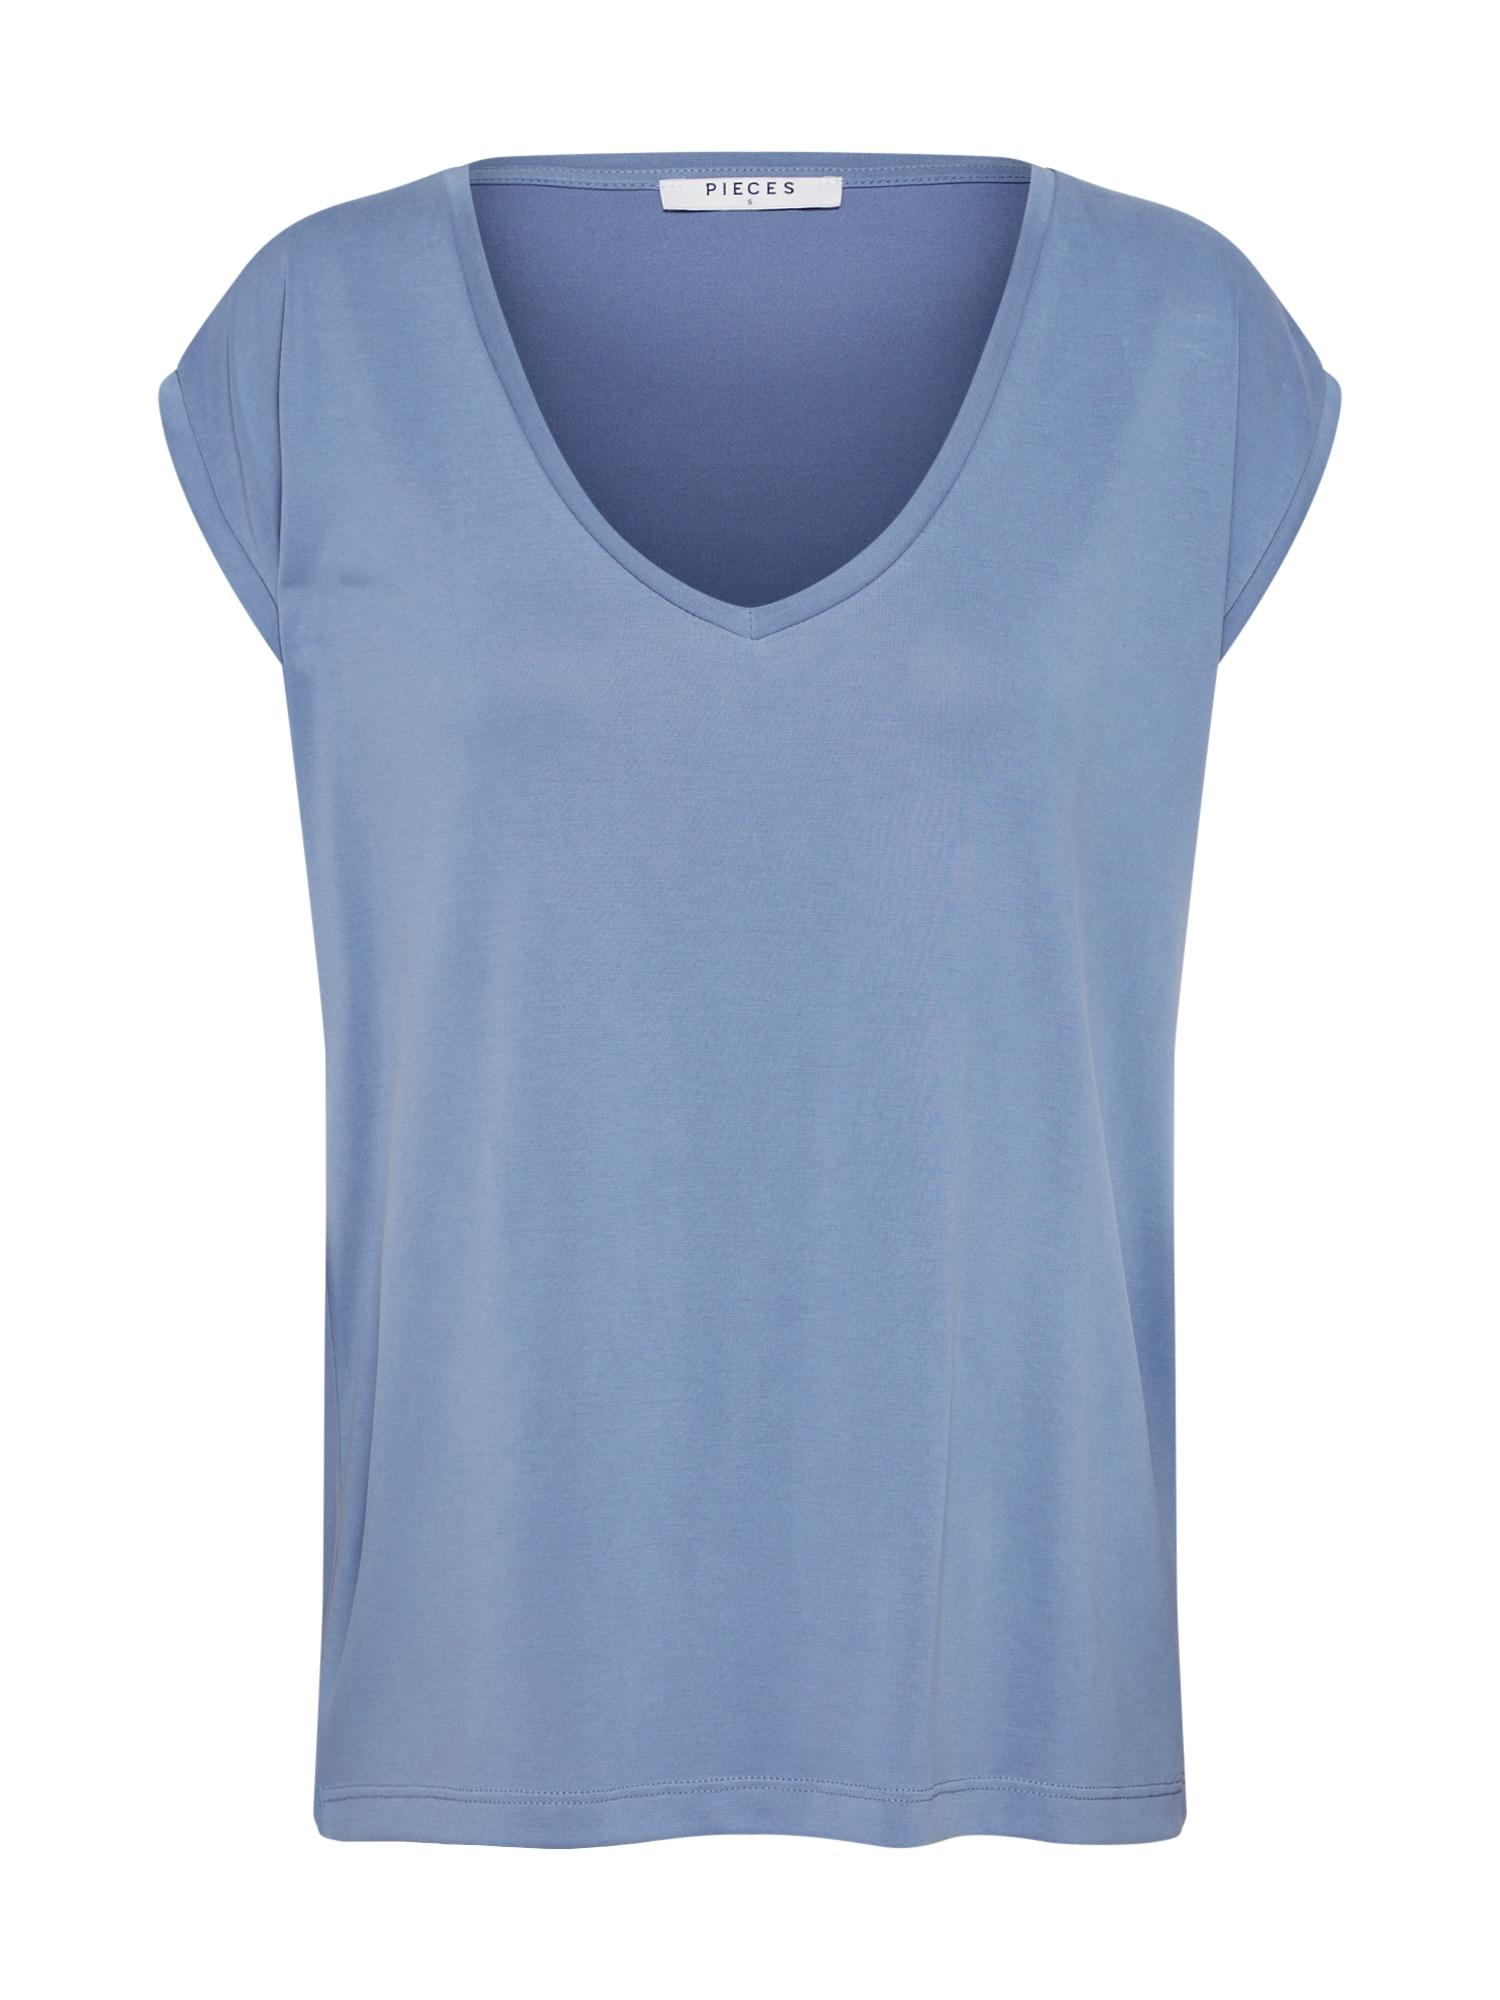 Tričko PCKAMALA TEE NOOS modrá PIECES